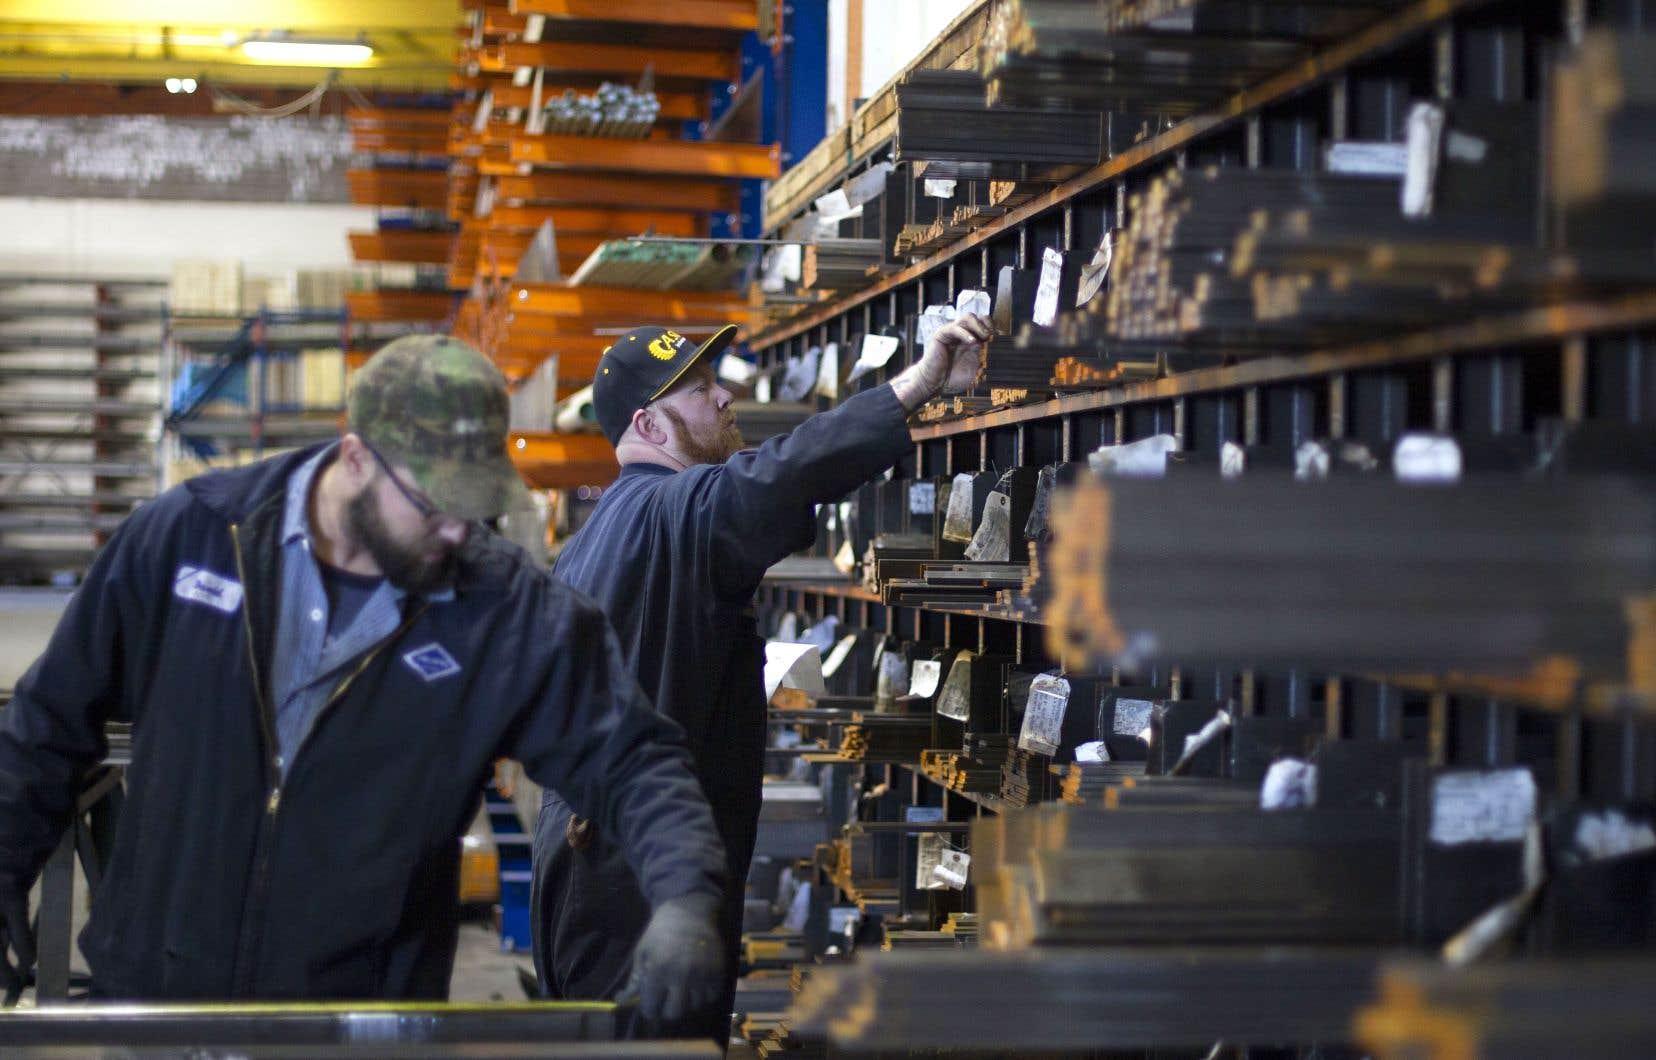 «Nous devons être aux côtés des compagnies américaines et des travailleurs américains et nous allons le faire d'une façon prudente et bénéfique pour l'économie», a déclaré le secrétaire au Trésor, Steven Mnuchin. Sur la photo, des travailleurs de la Pacific Machinery Tool Steel Company, en Oregon.